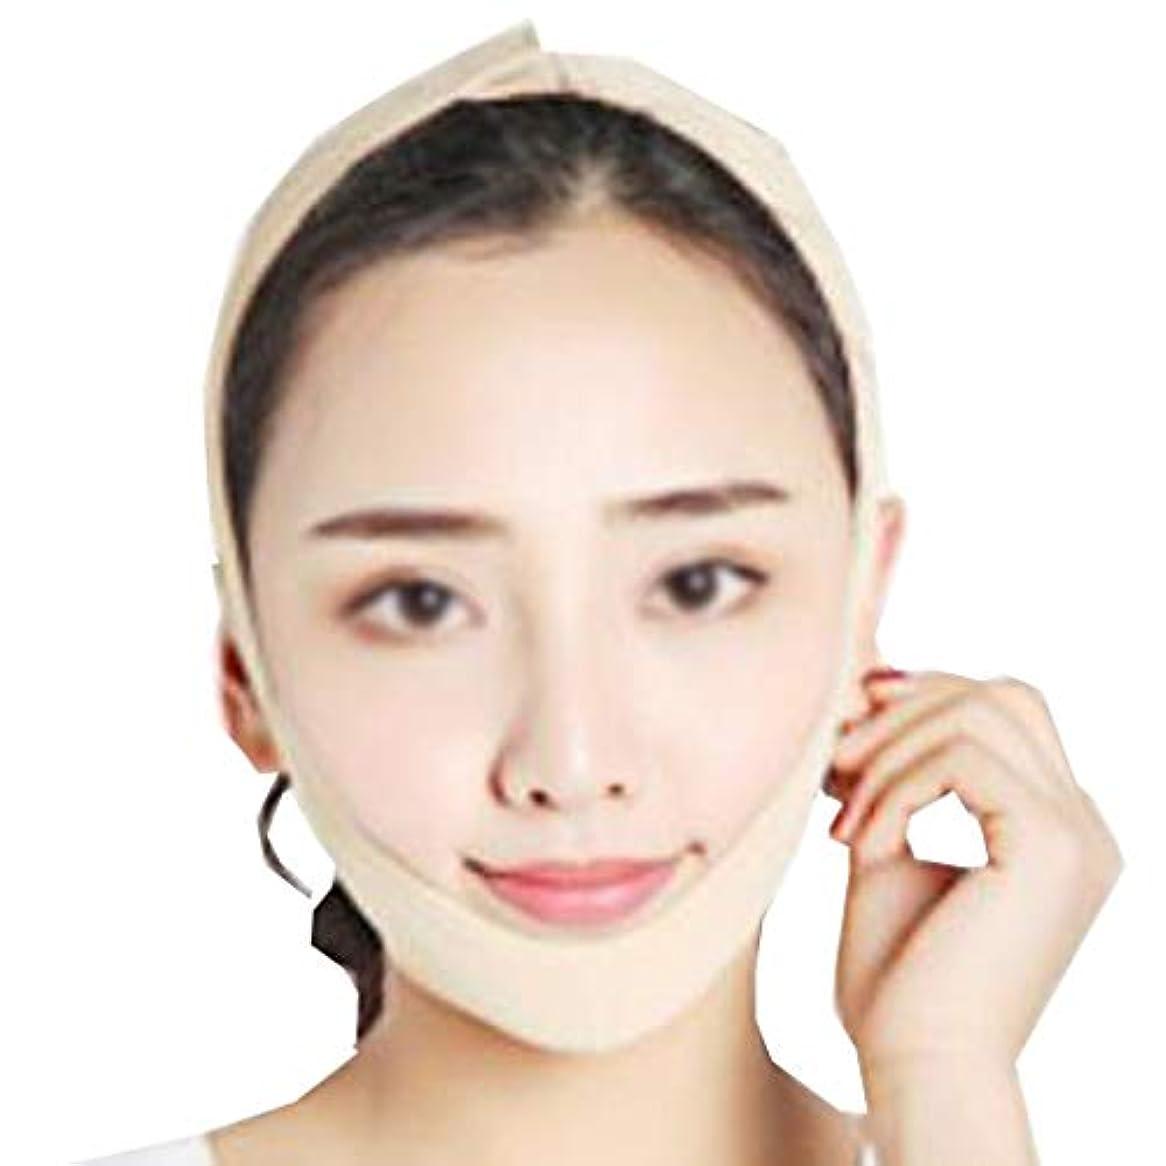 額デンプシーブランド名ZWBD フェイスマスク, 細い二重顎の下の小さなVの顔の薄い顔の包帯ライン切り分ける術後の回復マスクの表面持ち上がるヘッドギアの束